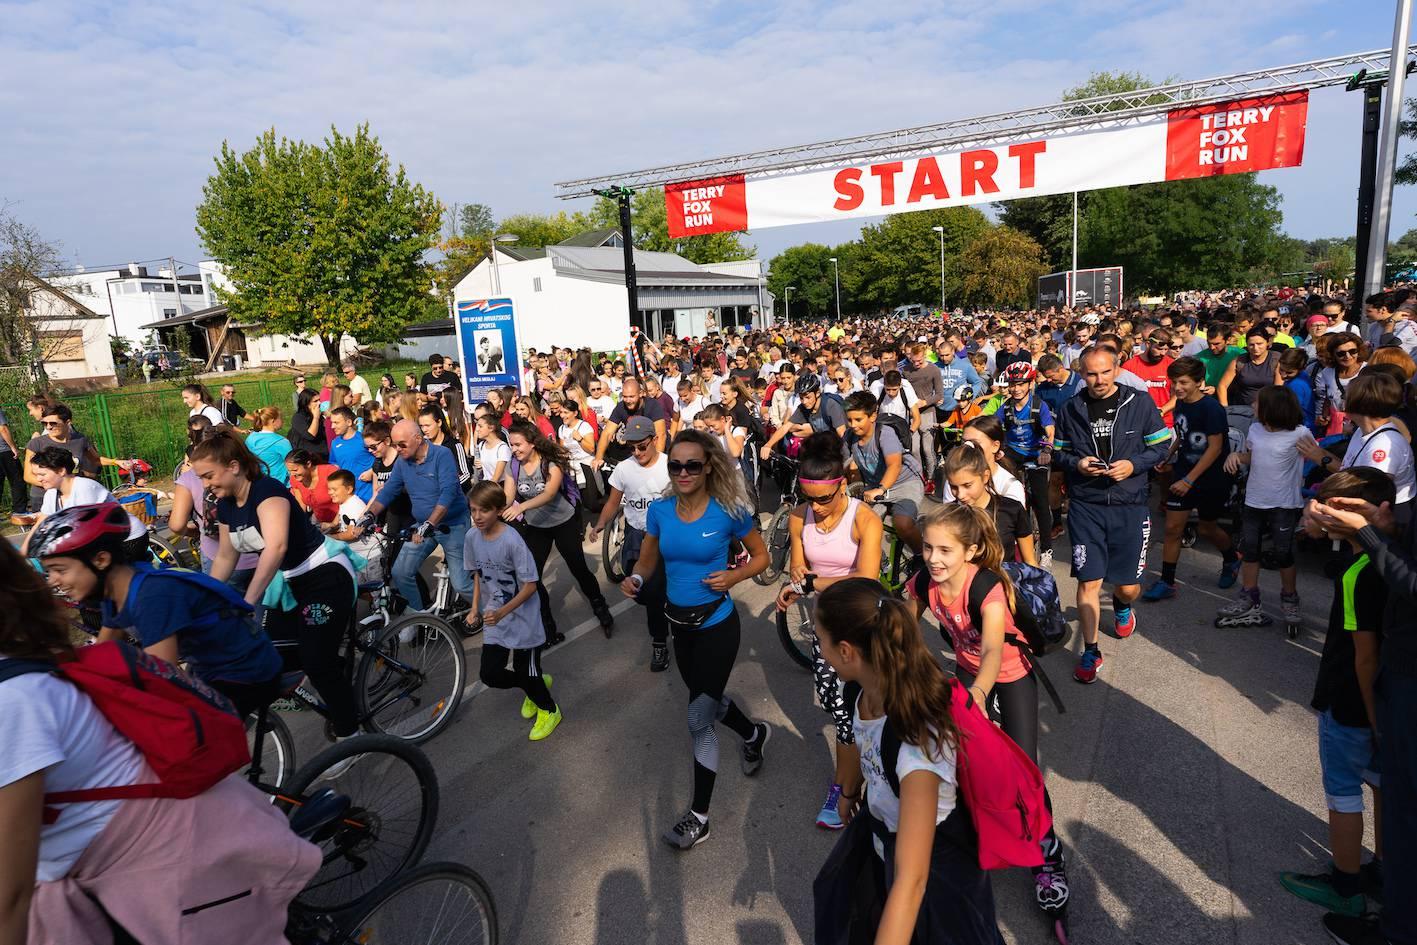 PridružI se najpoznatijoj svjetskoj humanitarnoj trci koja obilježava 40 godina postojanja